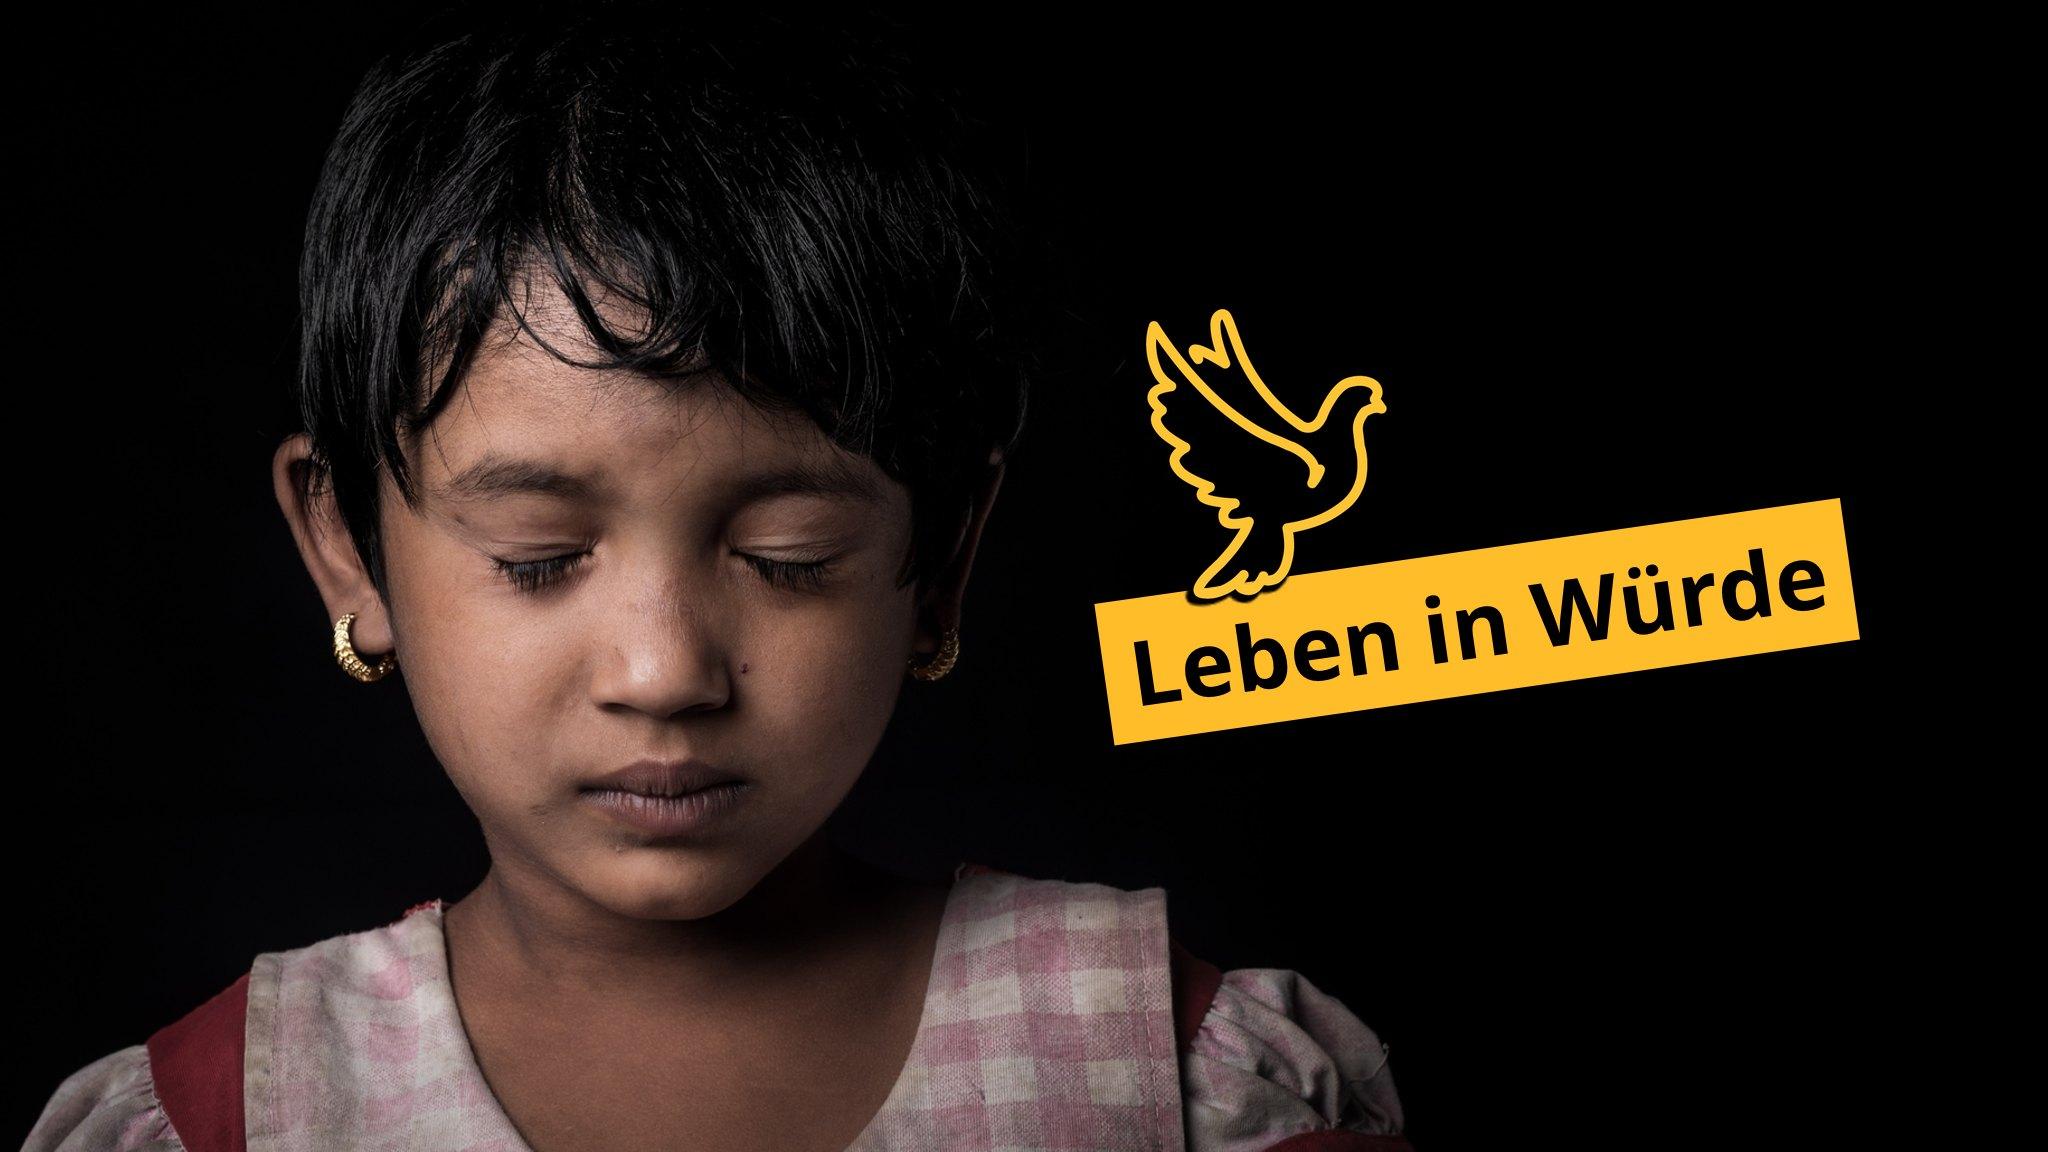 SONNE-International_Für ein Leben in Würde